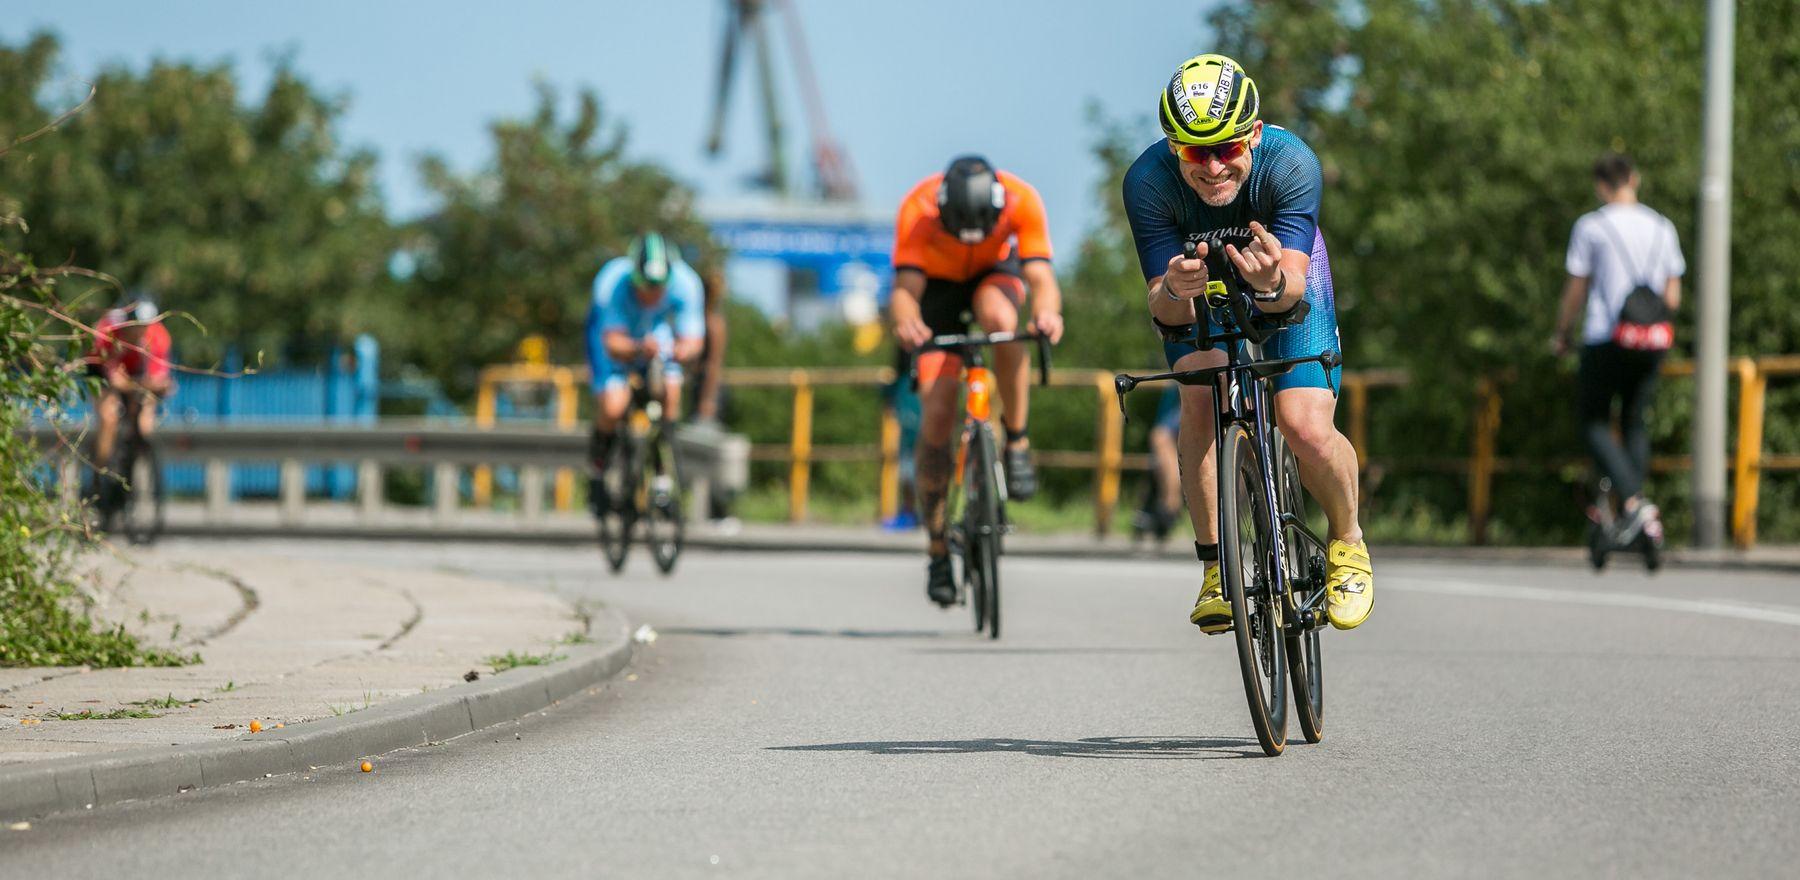 Ironman 70.3 Gdynia 2019